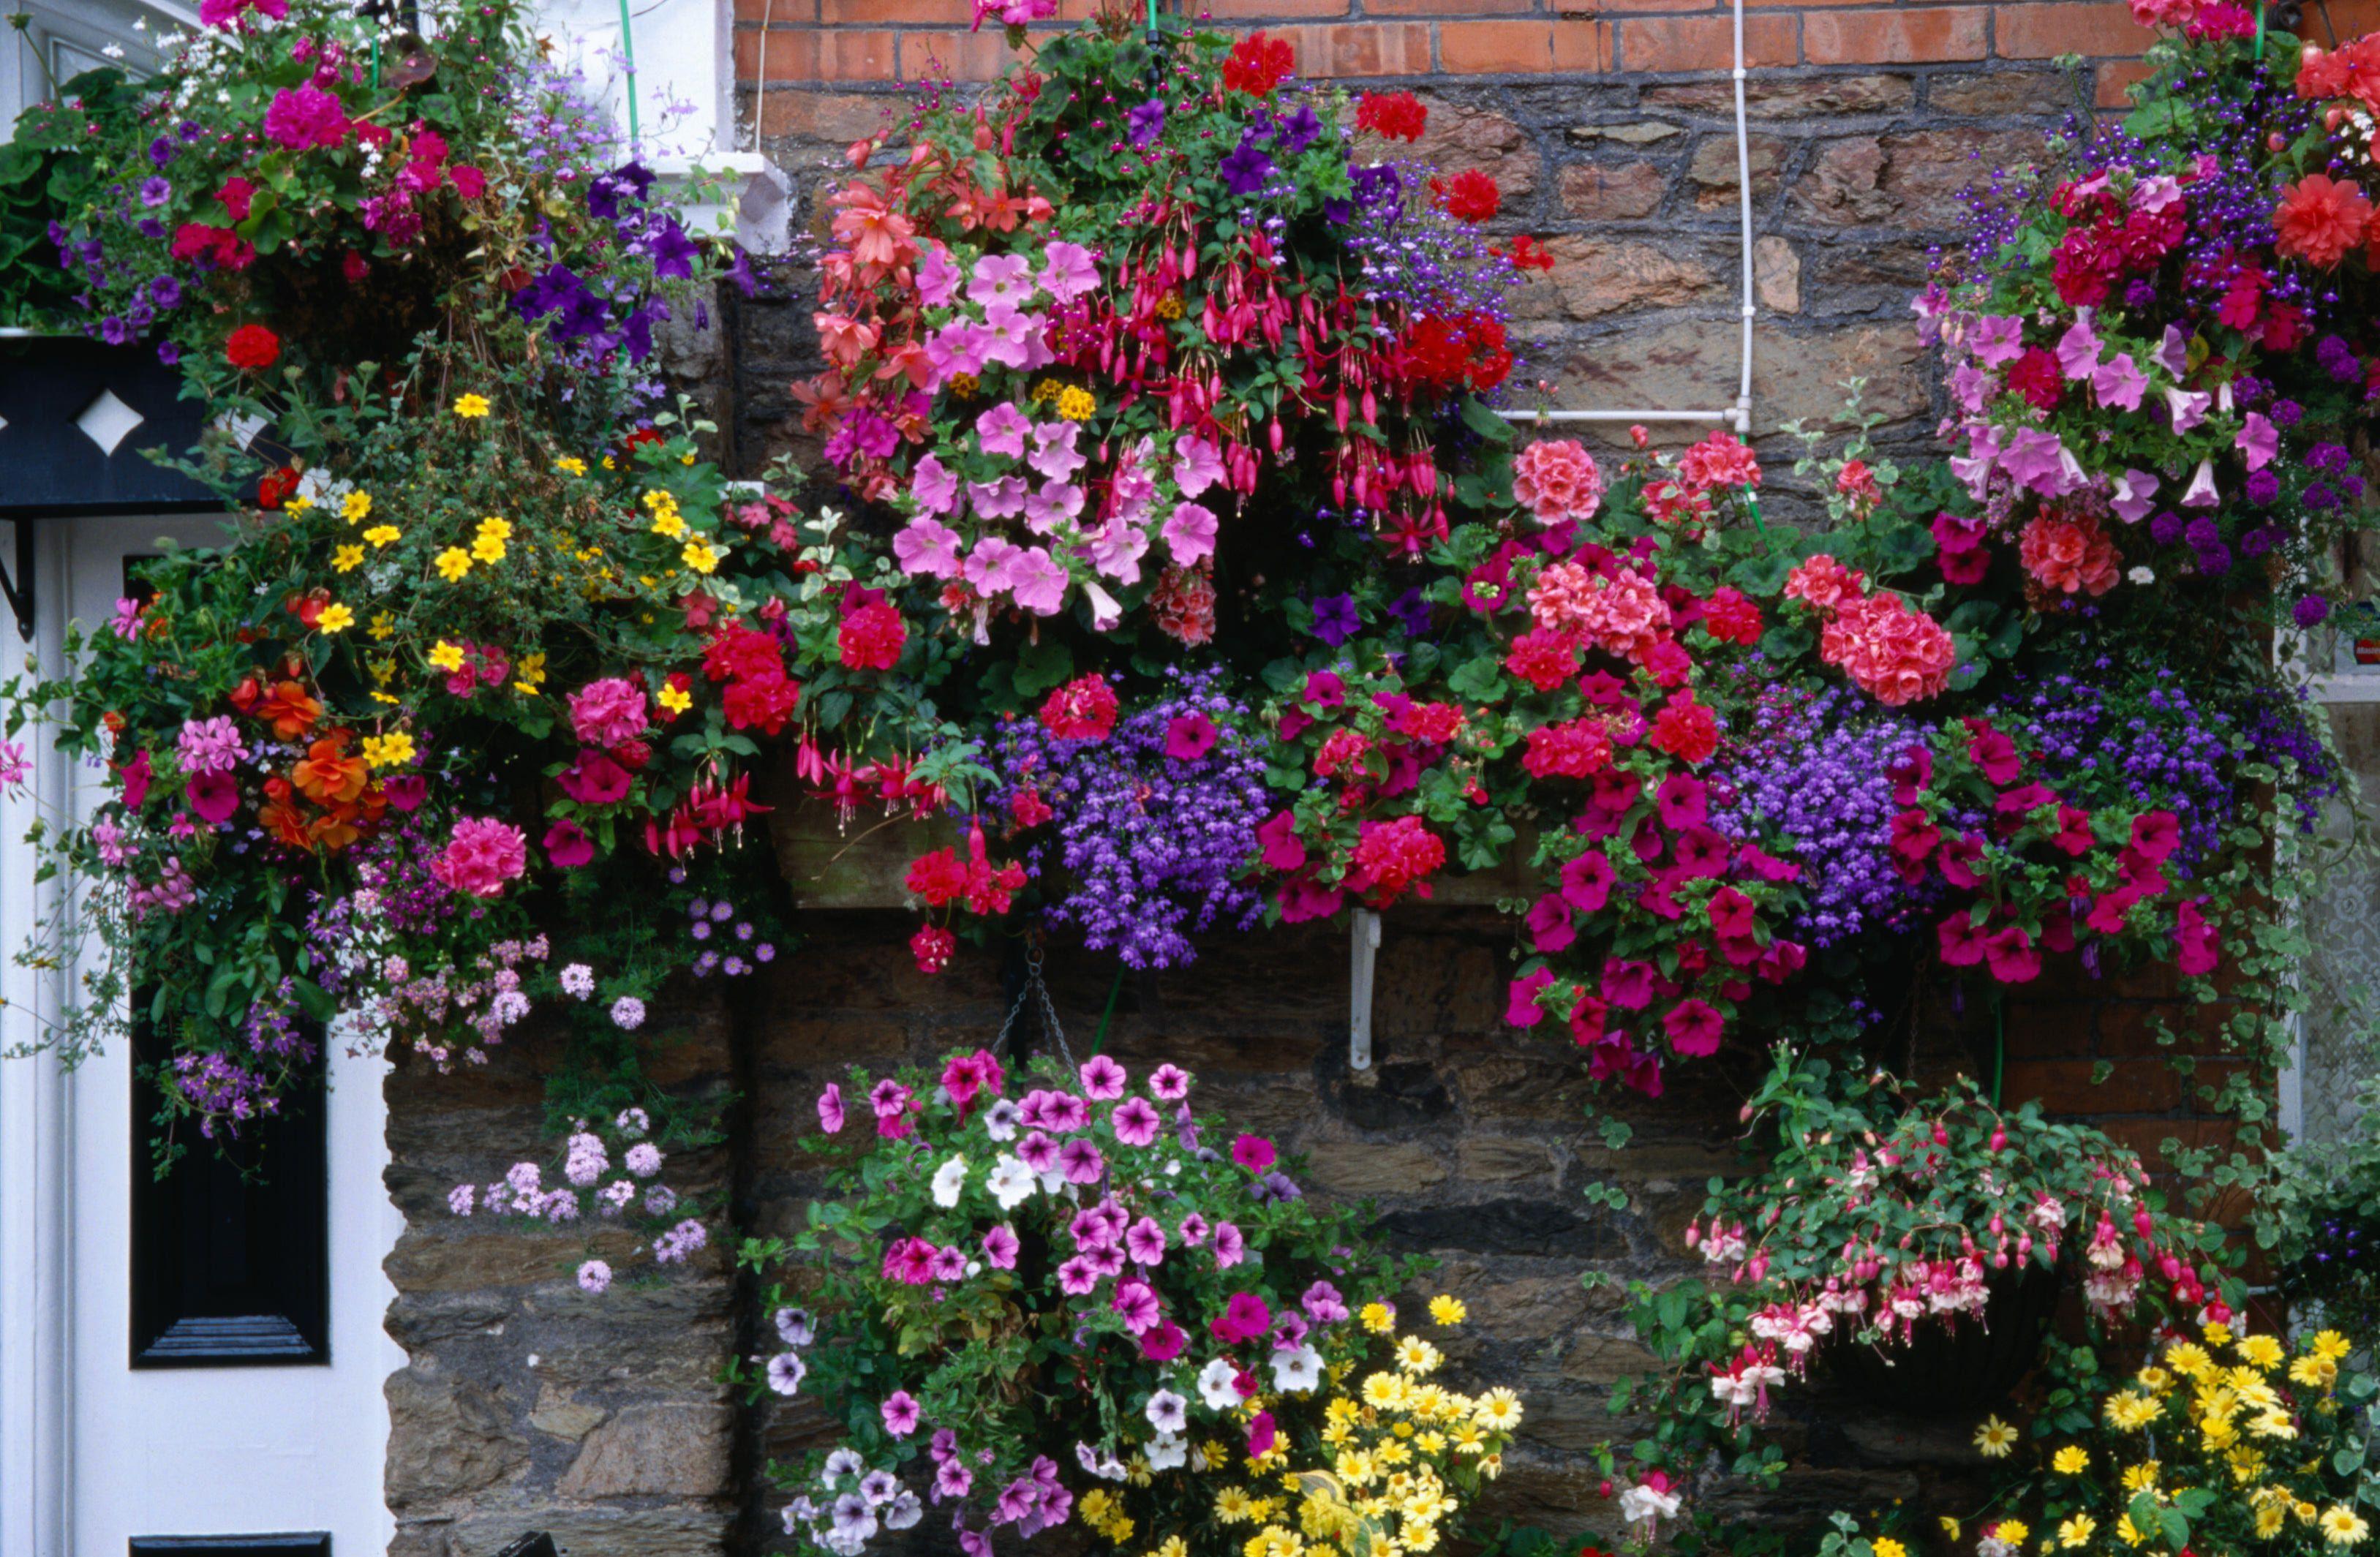 Small Hanging Basket Flowers: Flowering Hanging Basket Ideas